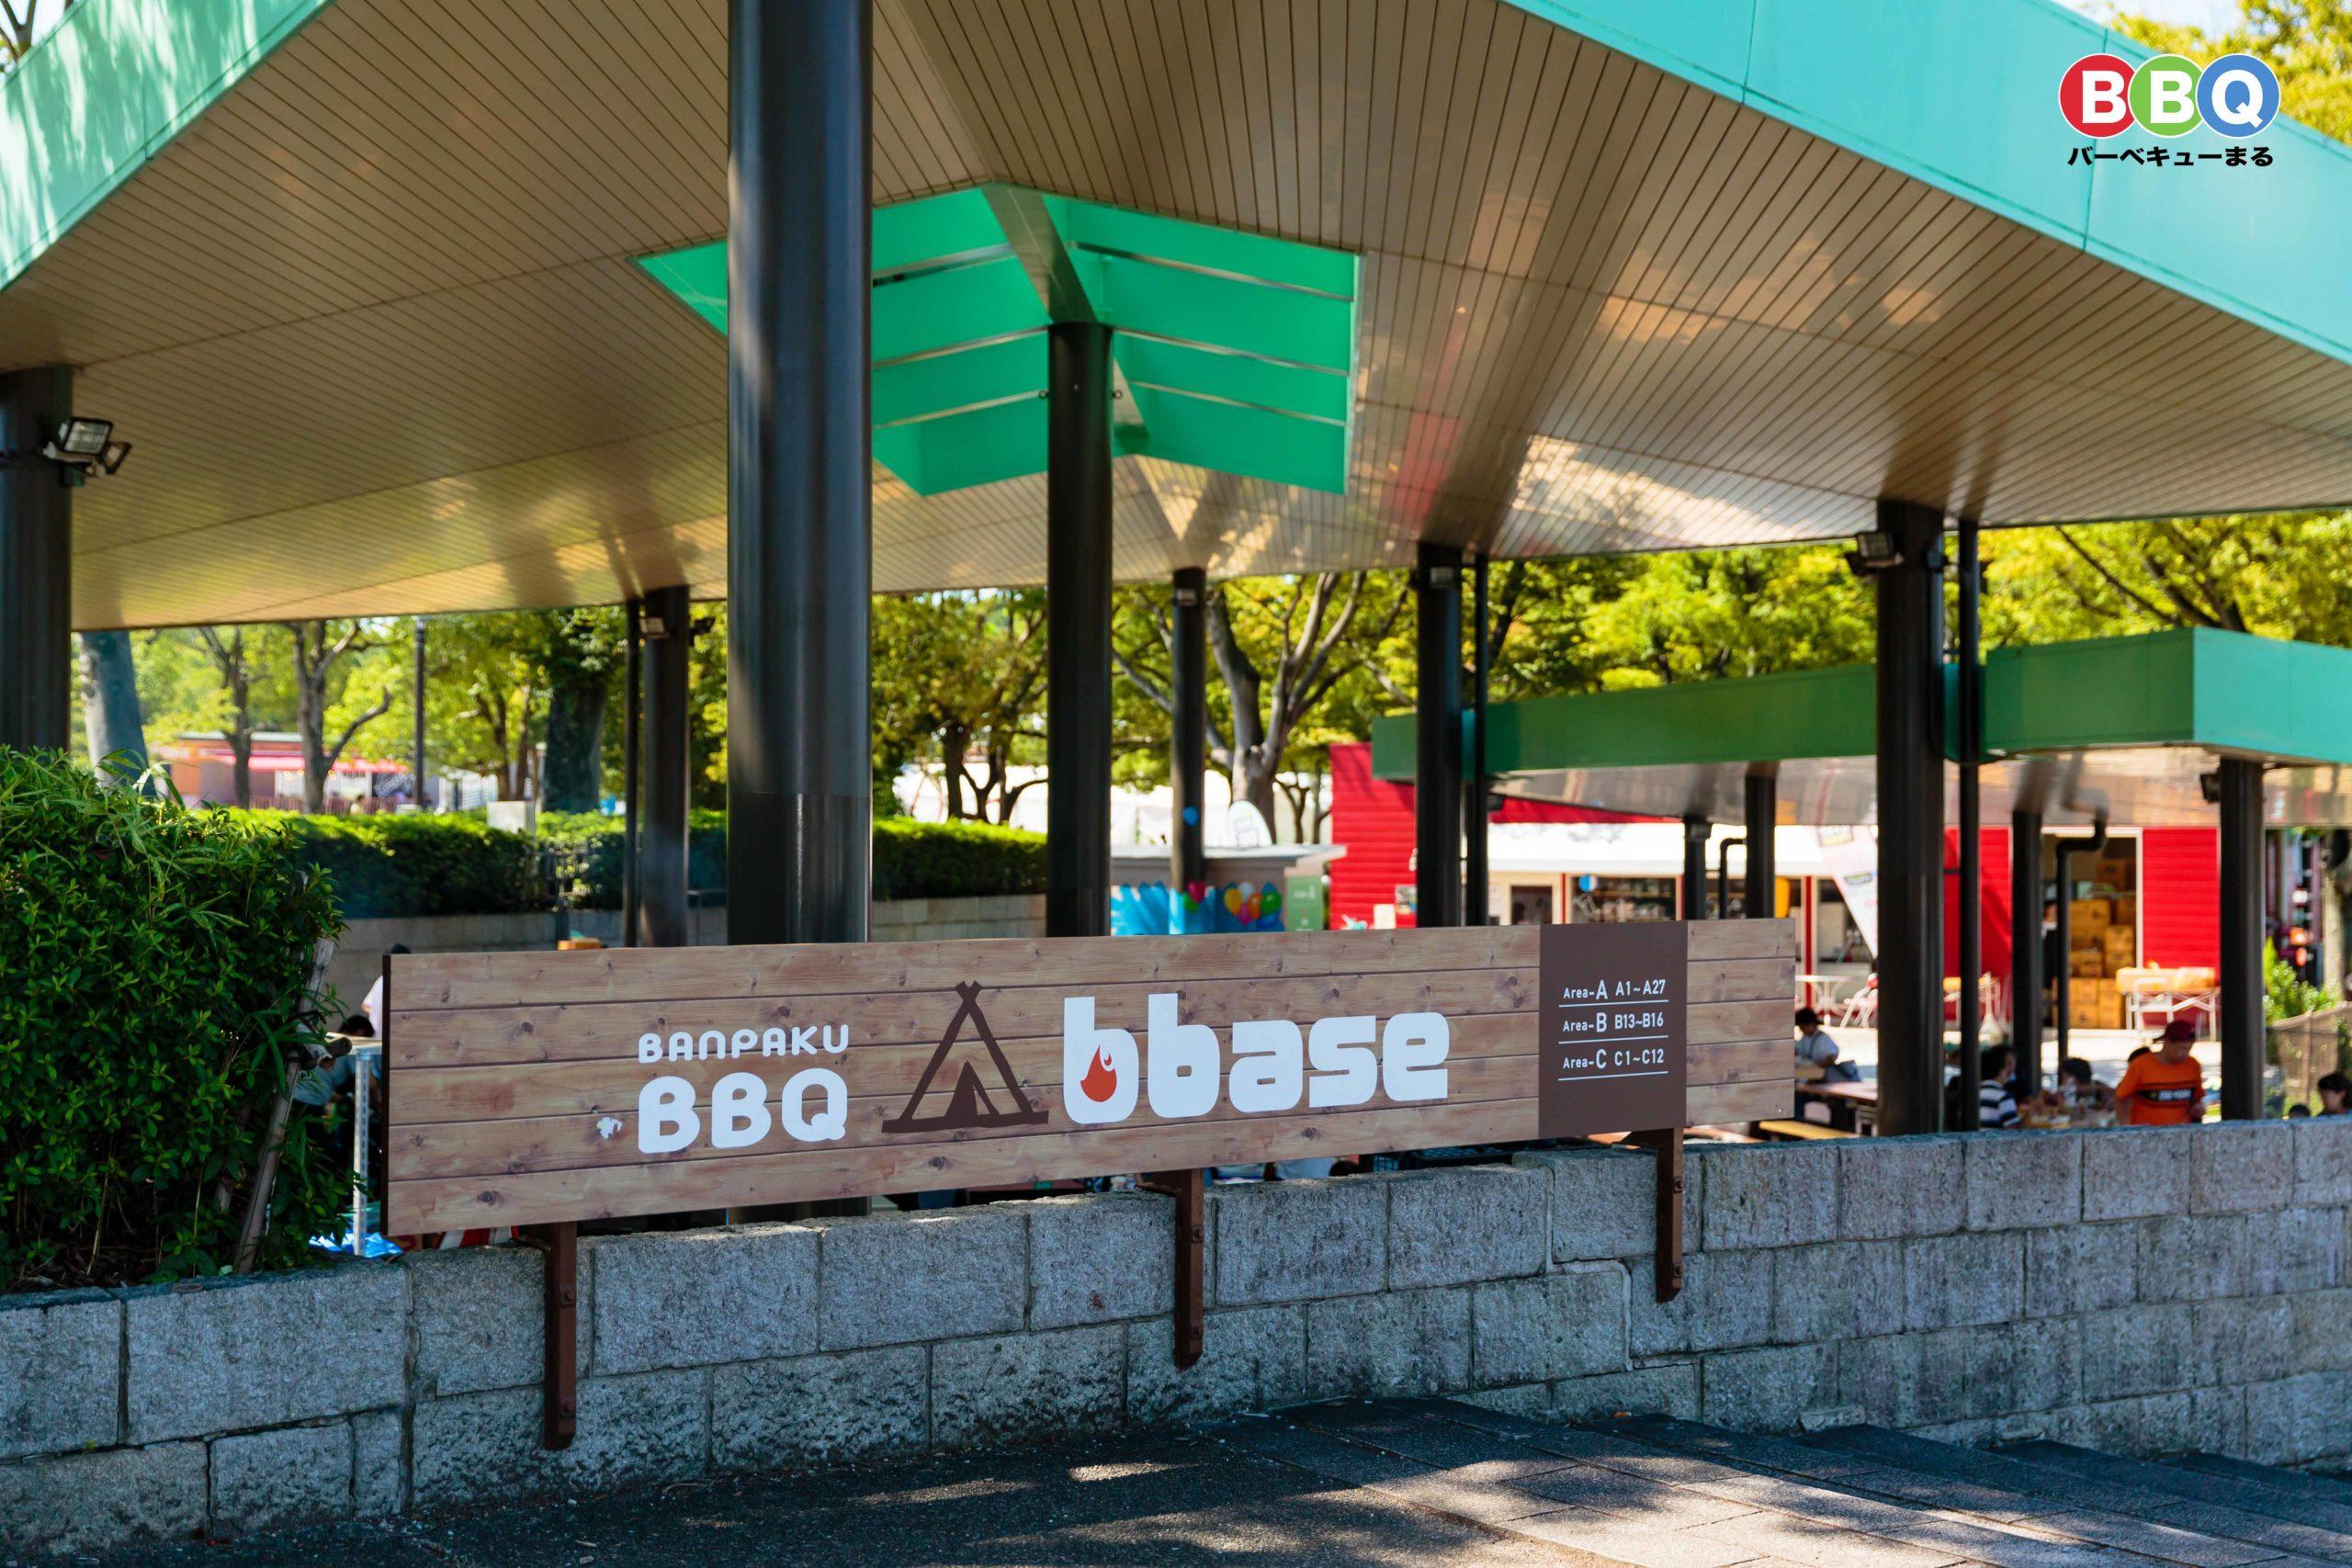 万博記念公園b-baseアイキャッチ画像